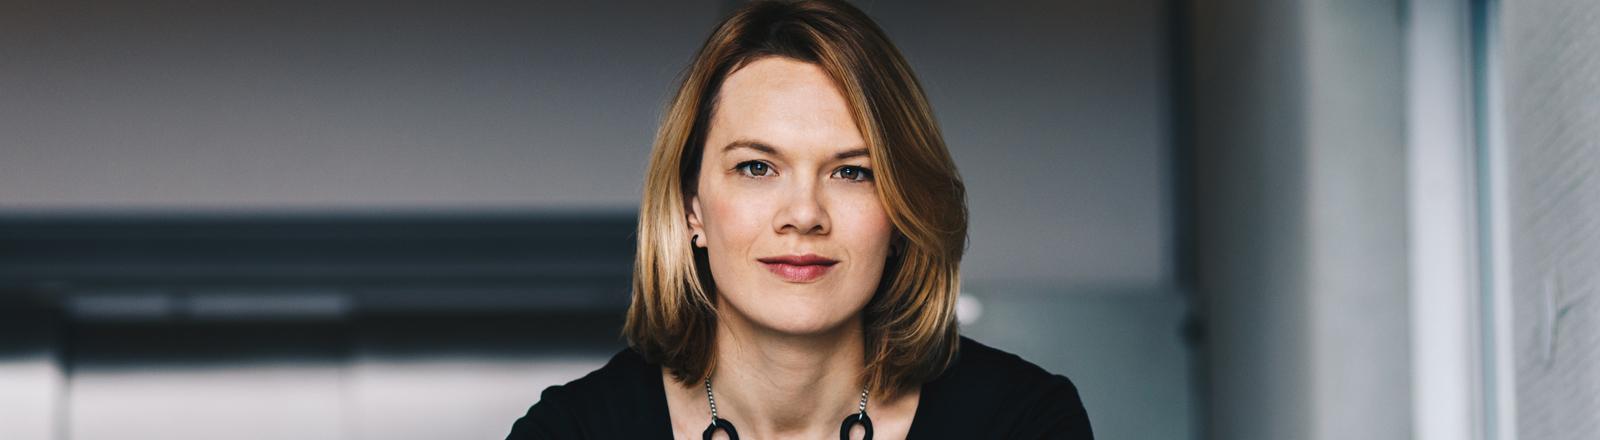 Portrait von Laura Dornheim